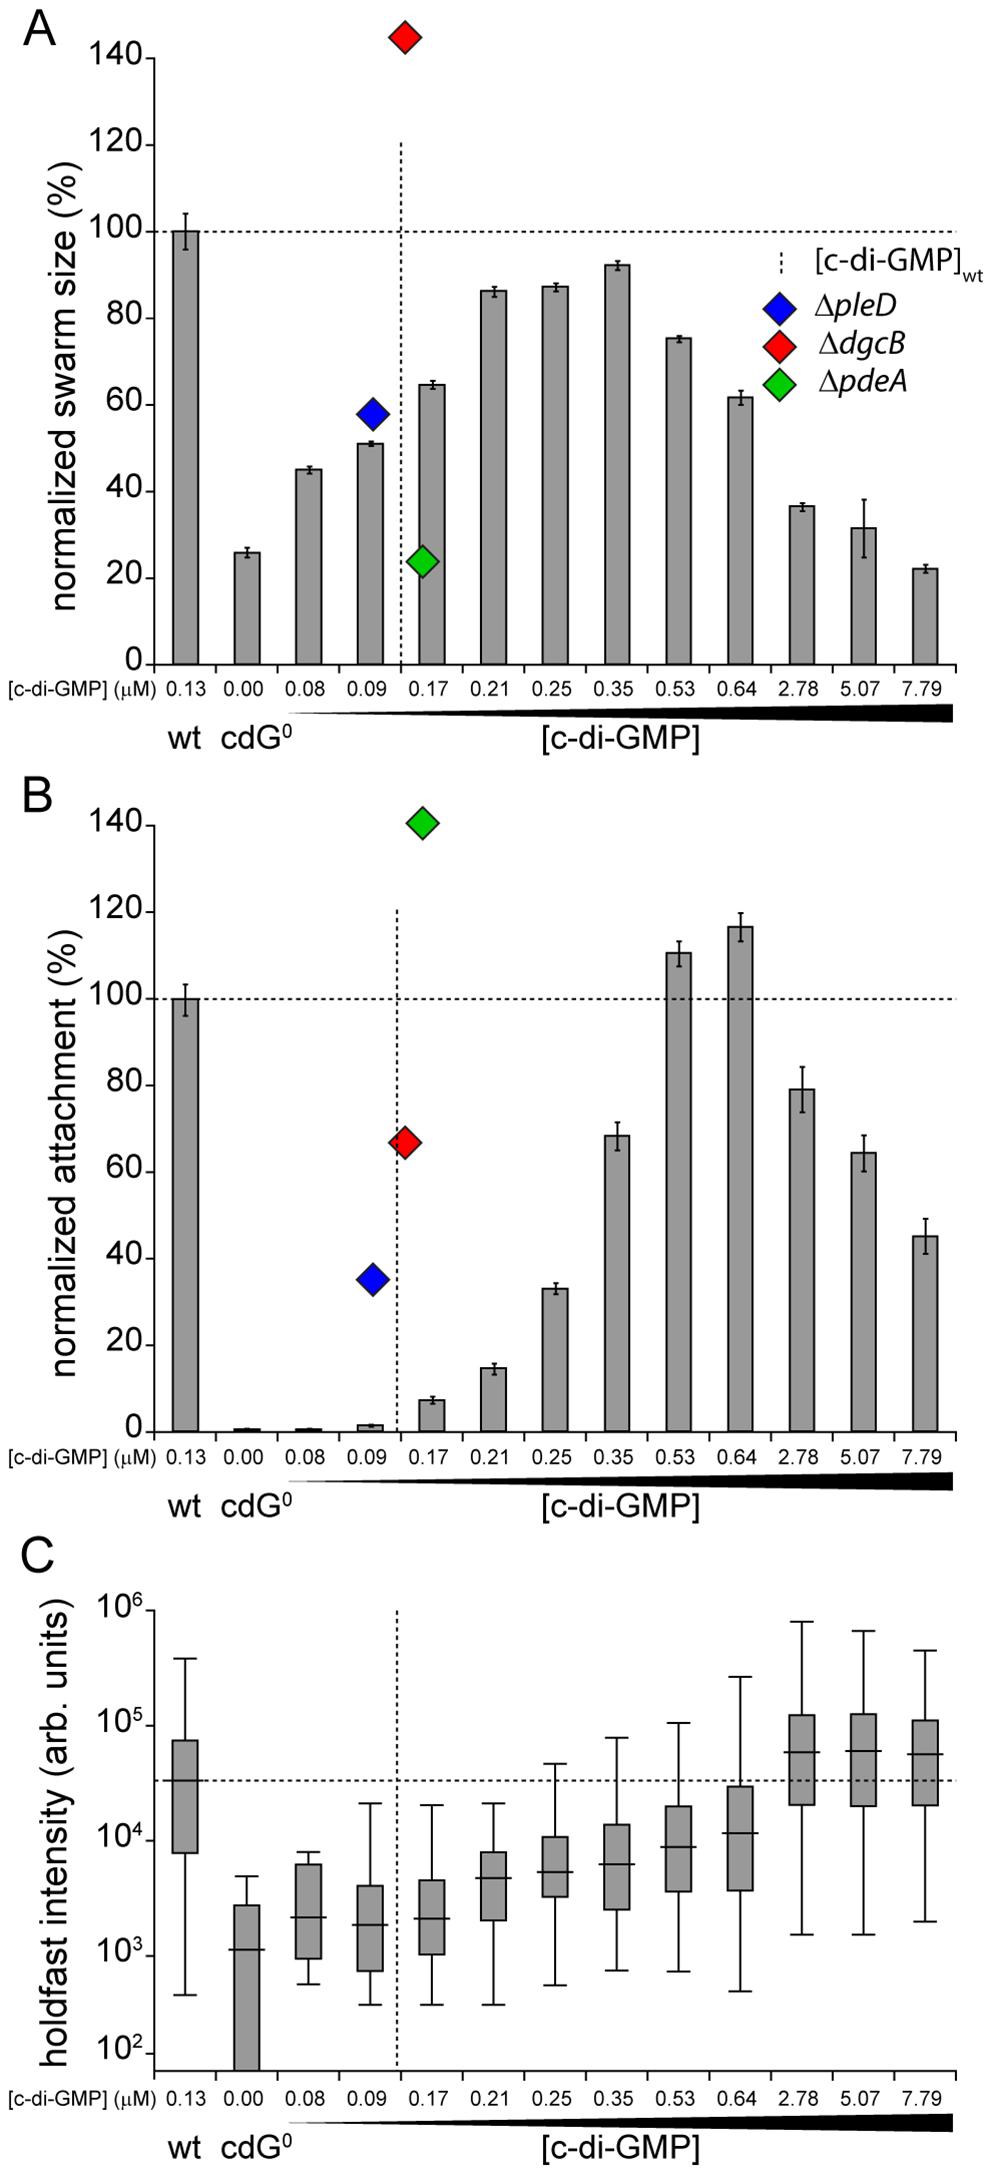 Motility and surface attachment show distinct <i>in vivo</i> c-di-GMP dose-response curves.